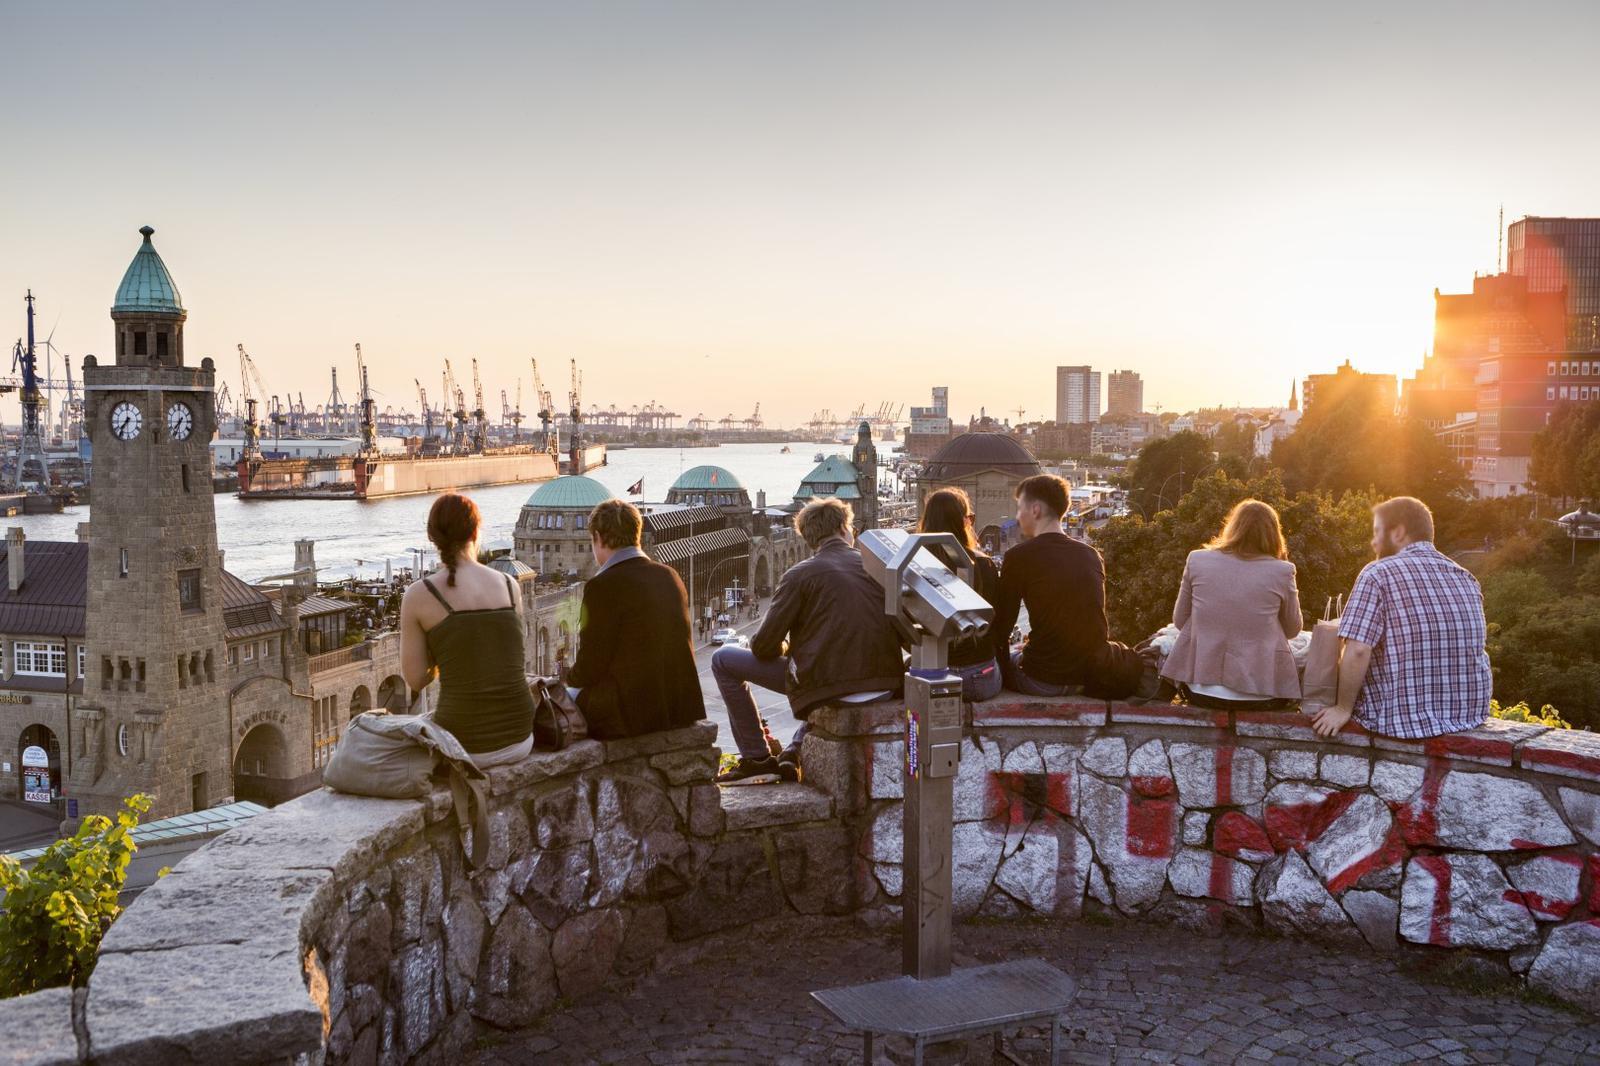 Los 10 mejores destinos para ir de fiesta del mundo Hamburgo